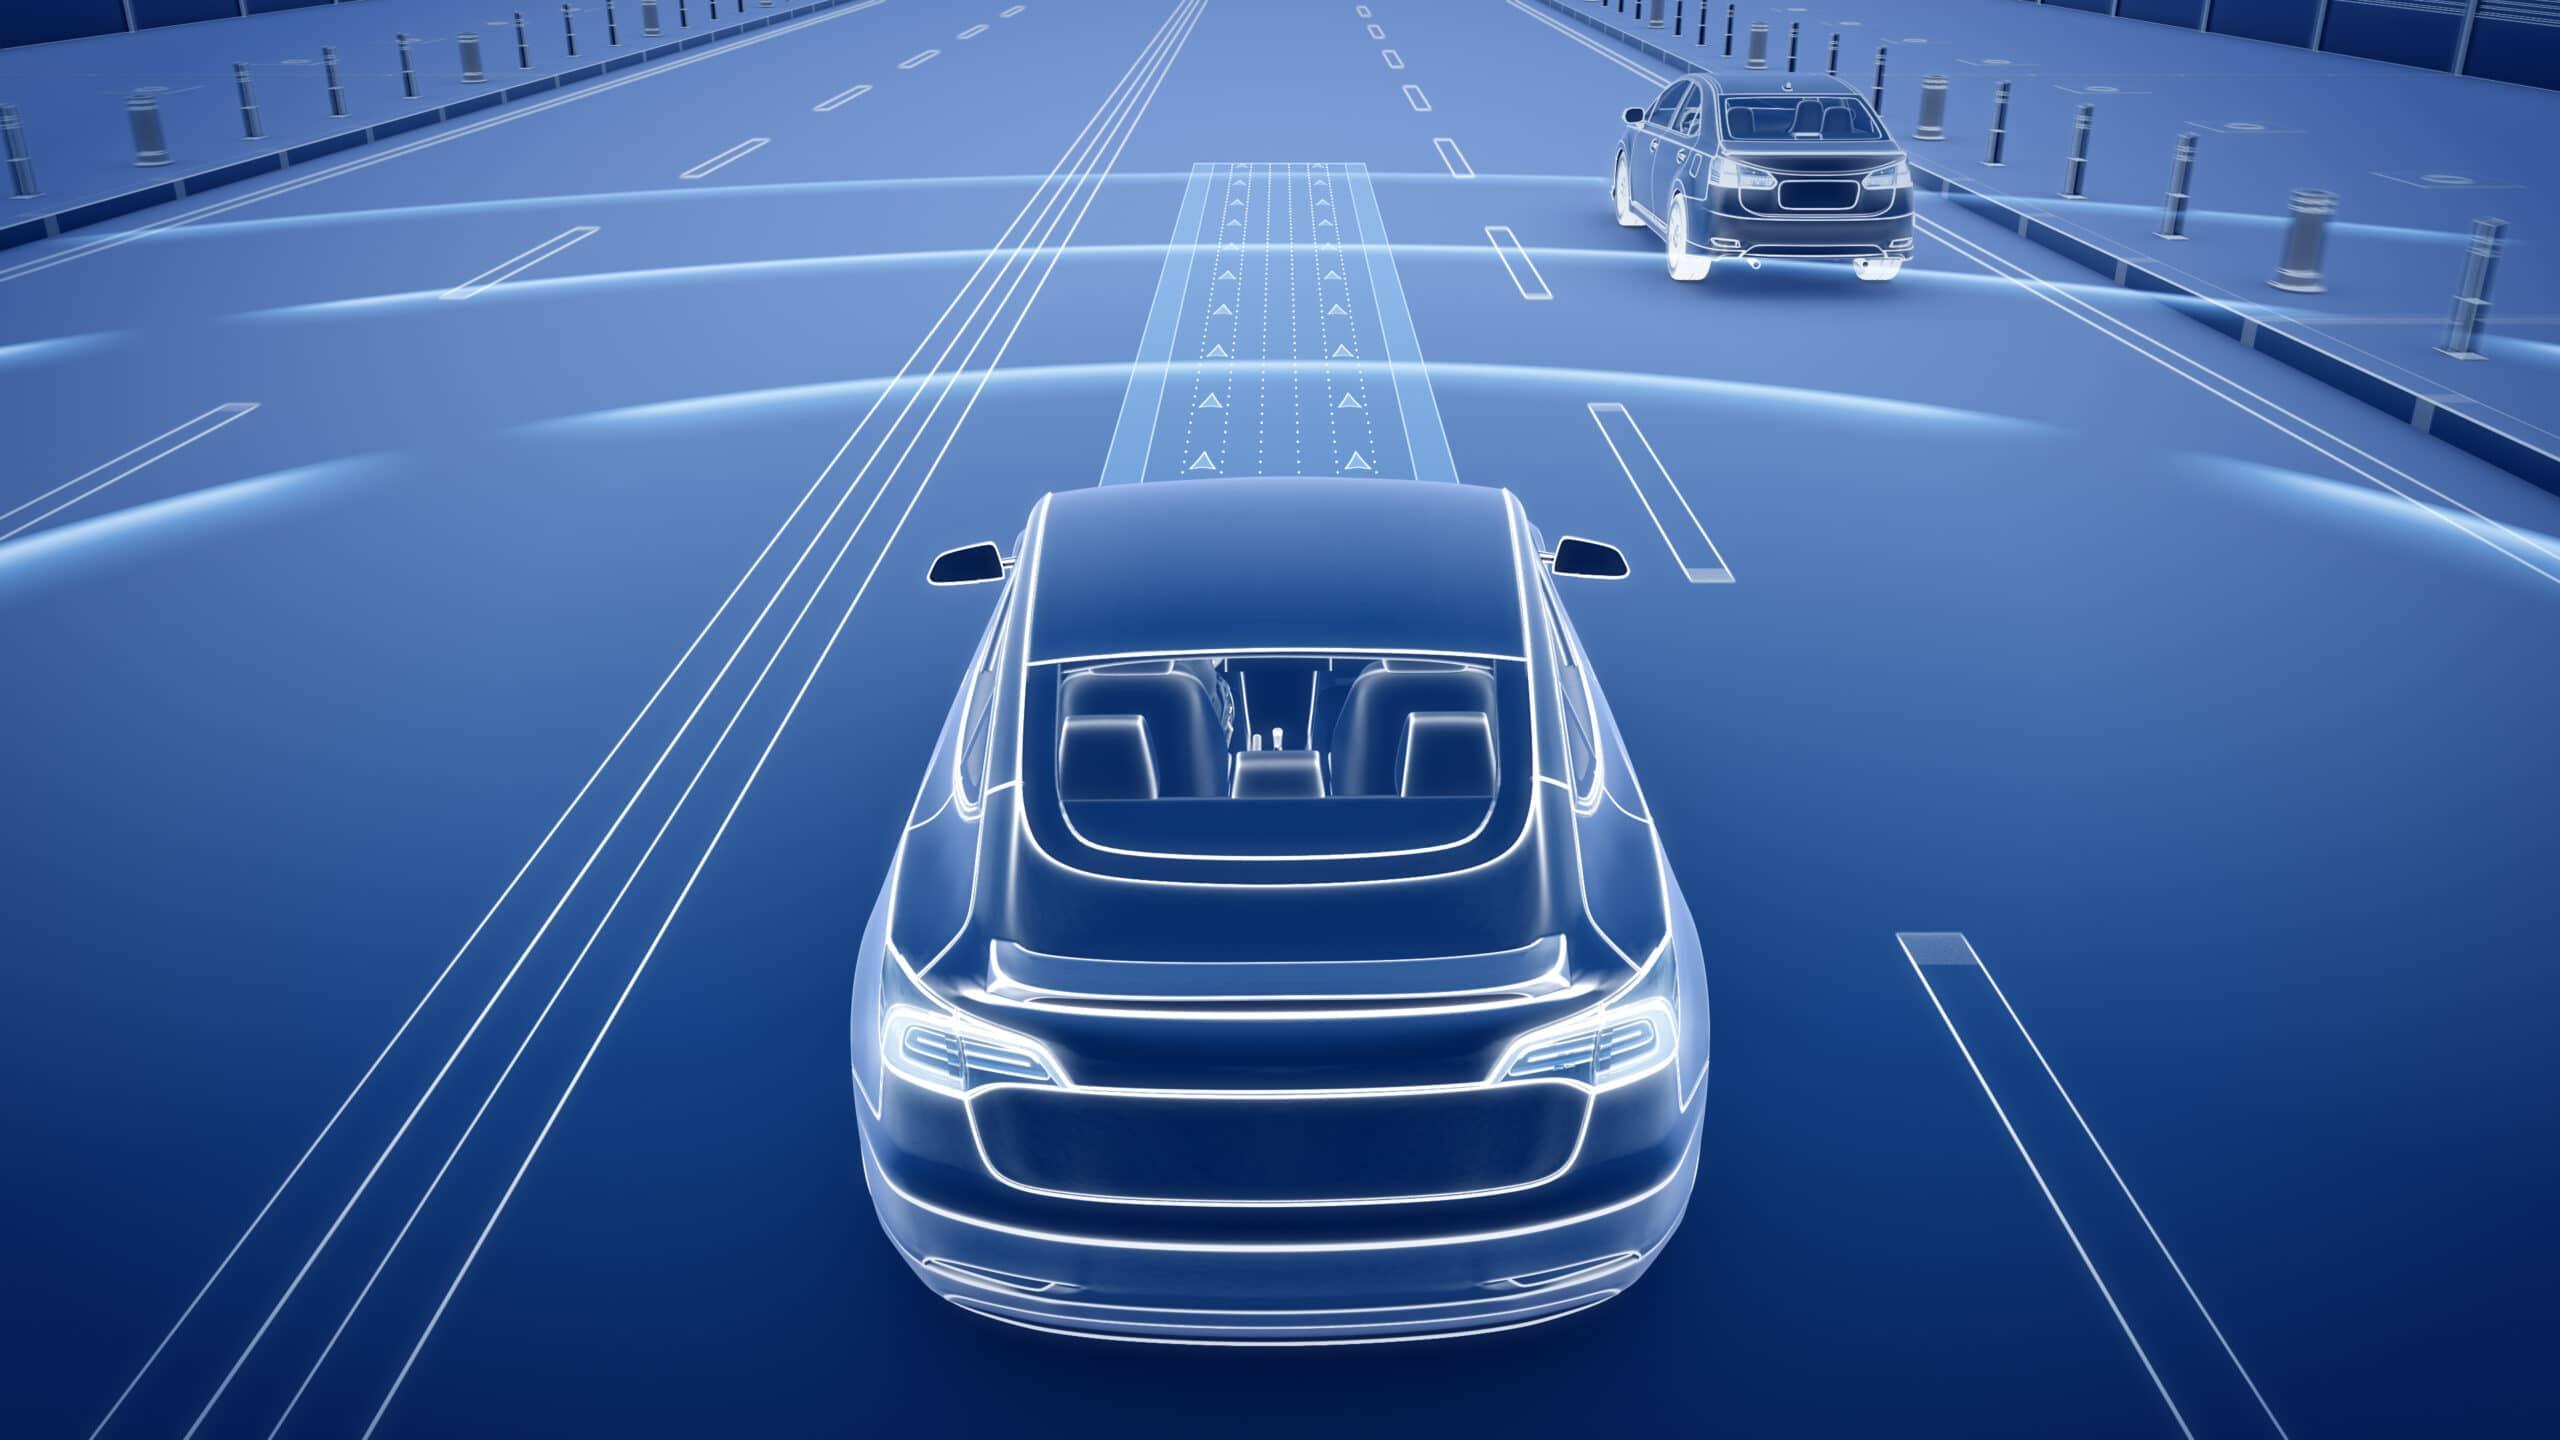 Ilustração de carro elétrico/autônomo